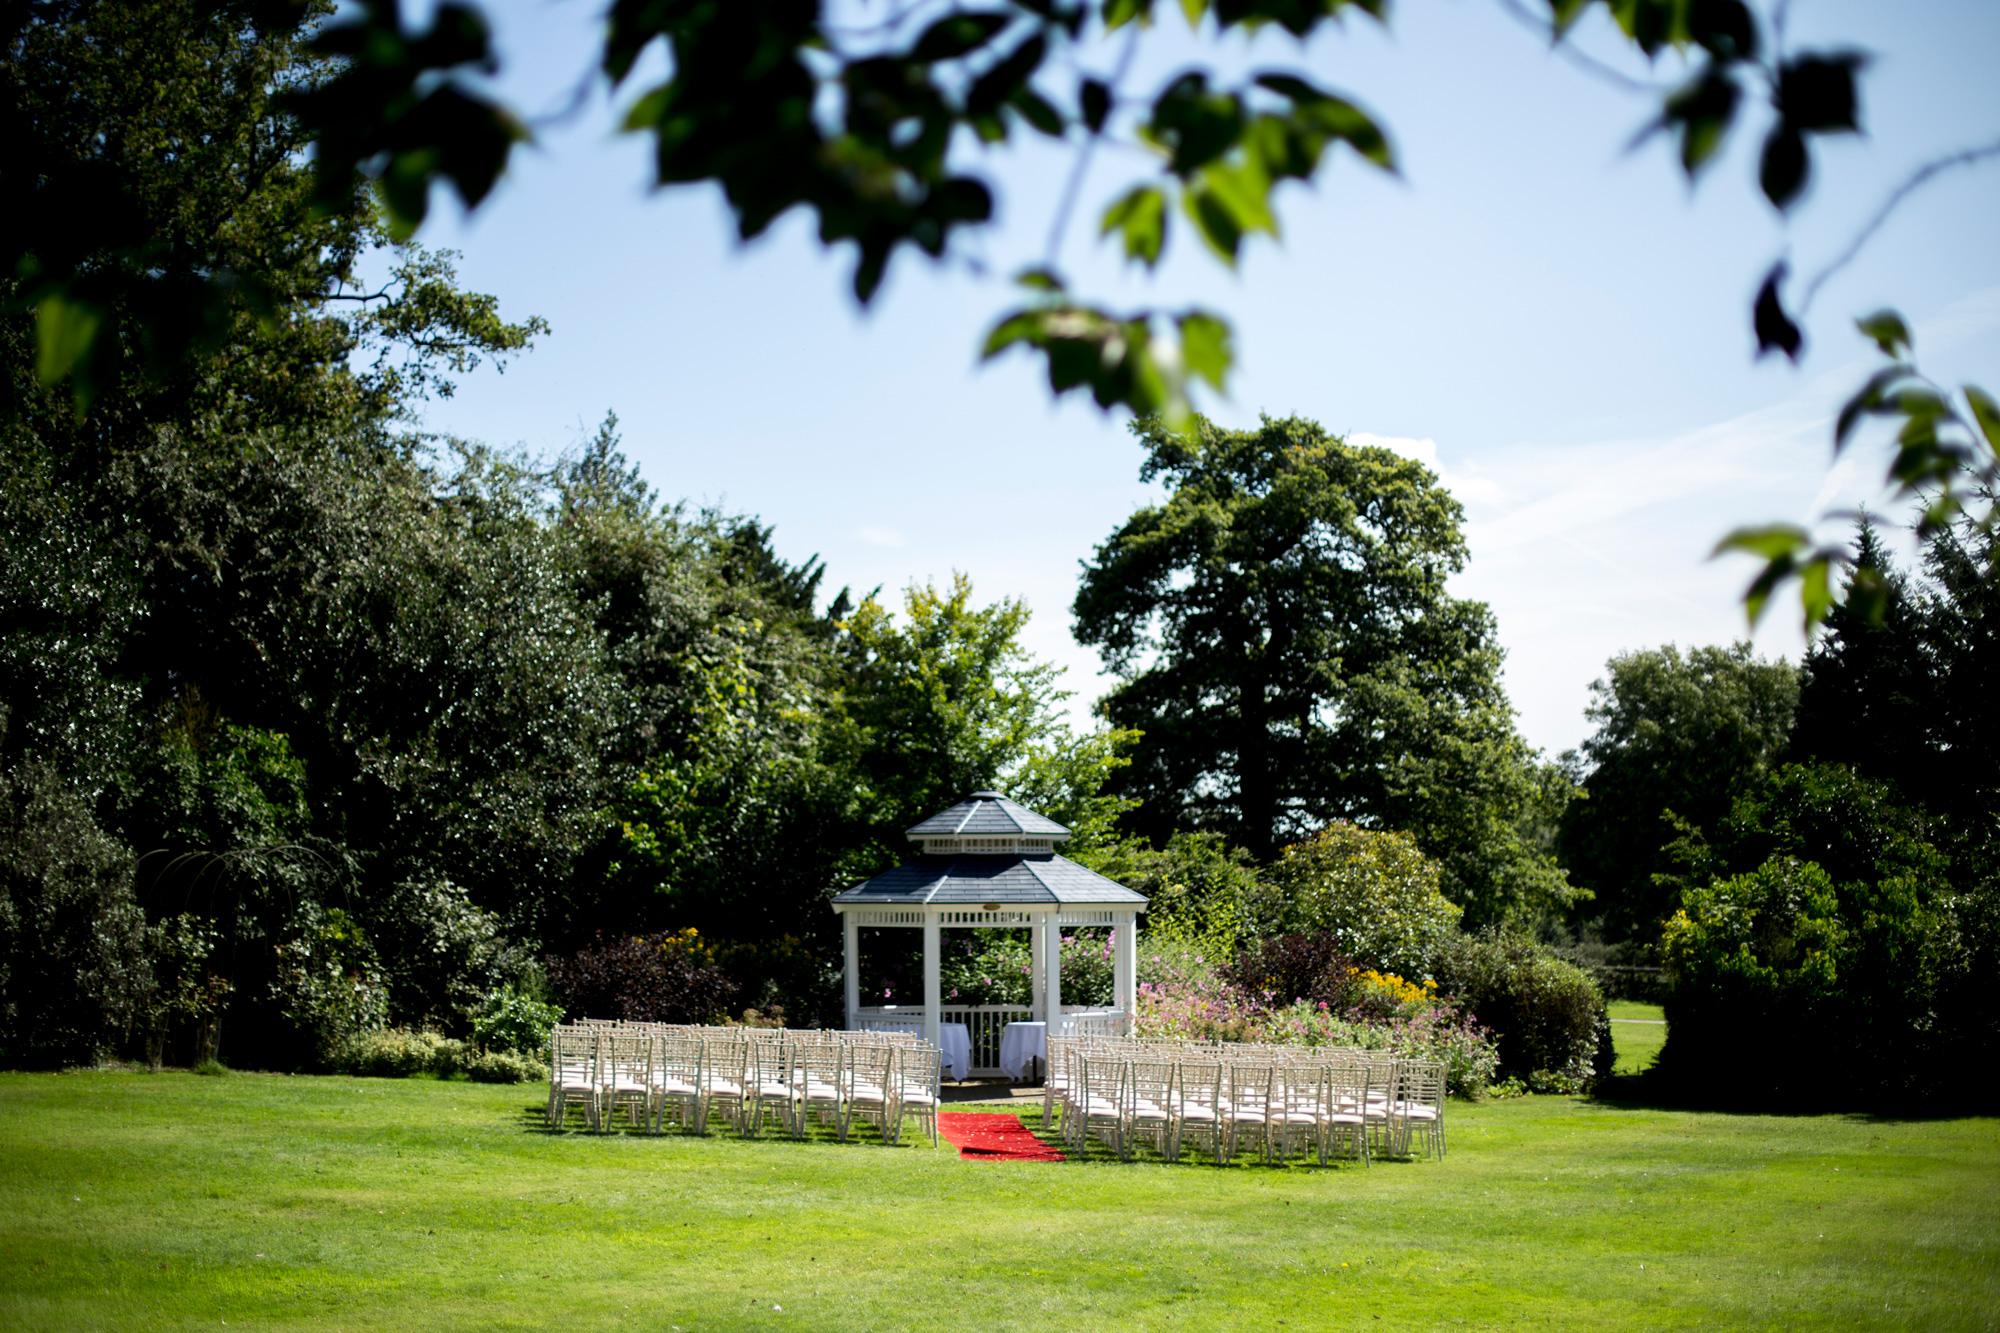 Horwood house, outside wedding, summer wedding, buckinghamshire wedding, ceremony, outside ceremony,